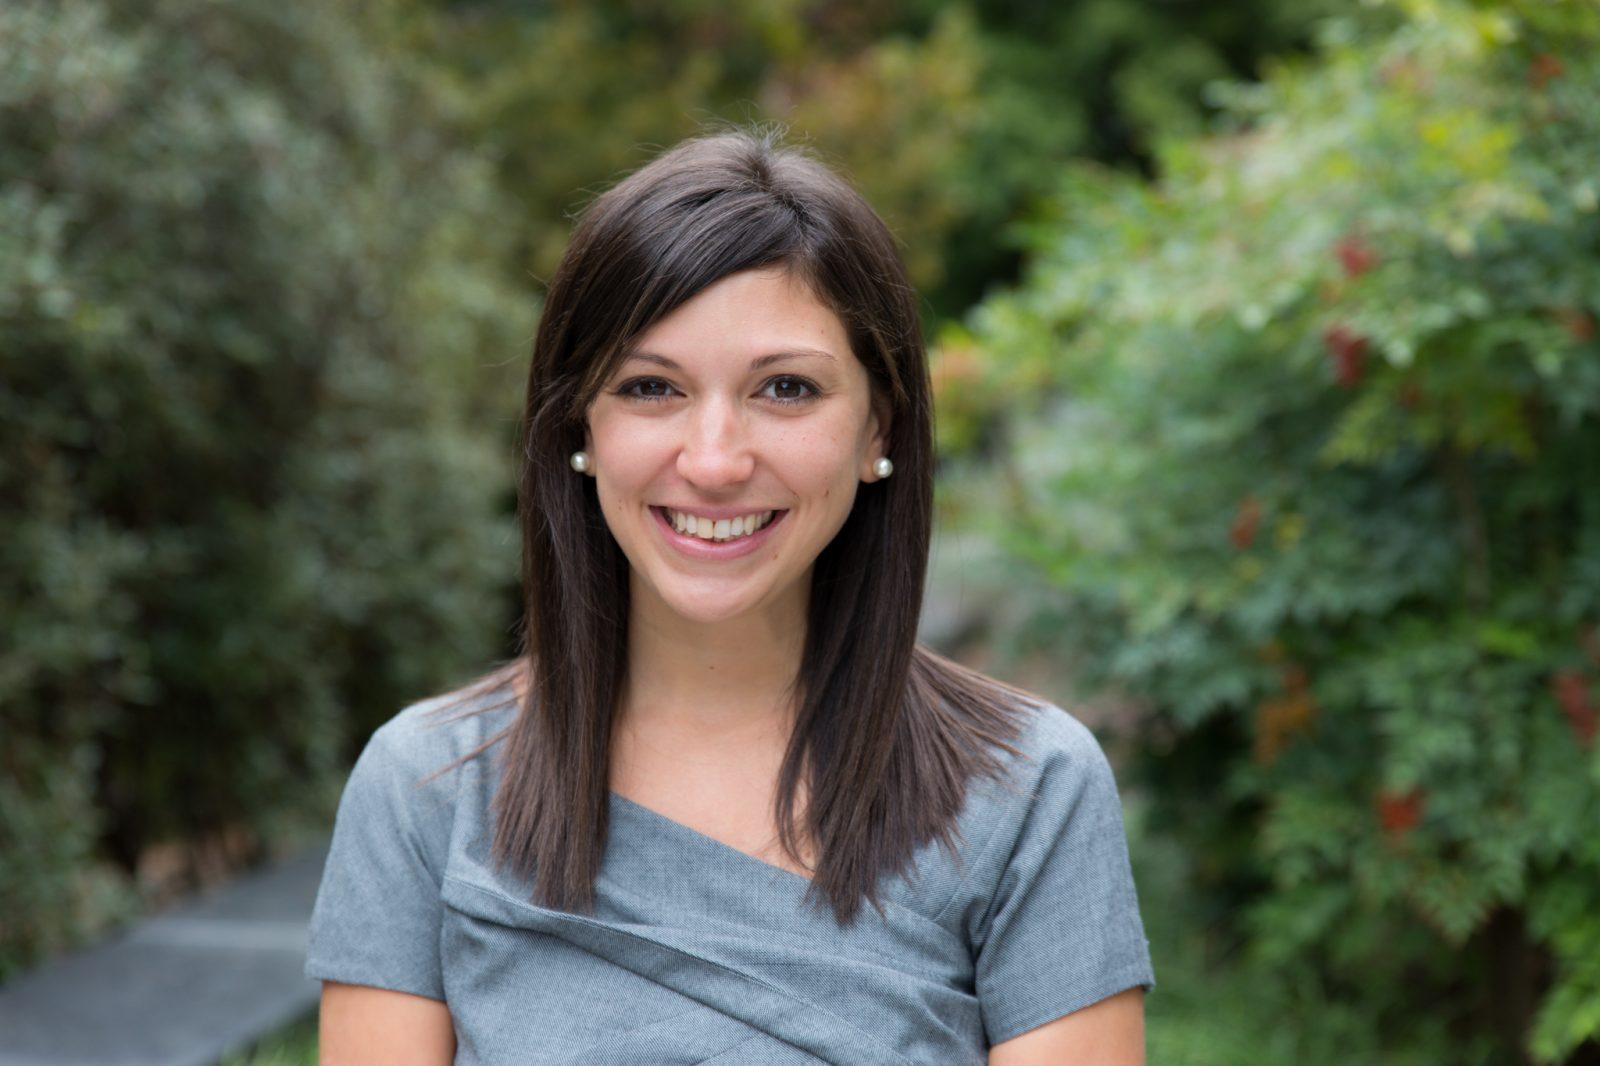 Lisa Blasberg